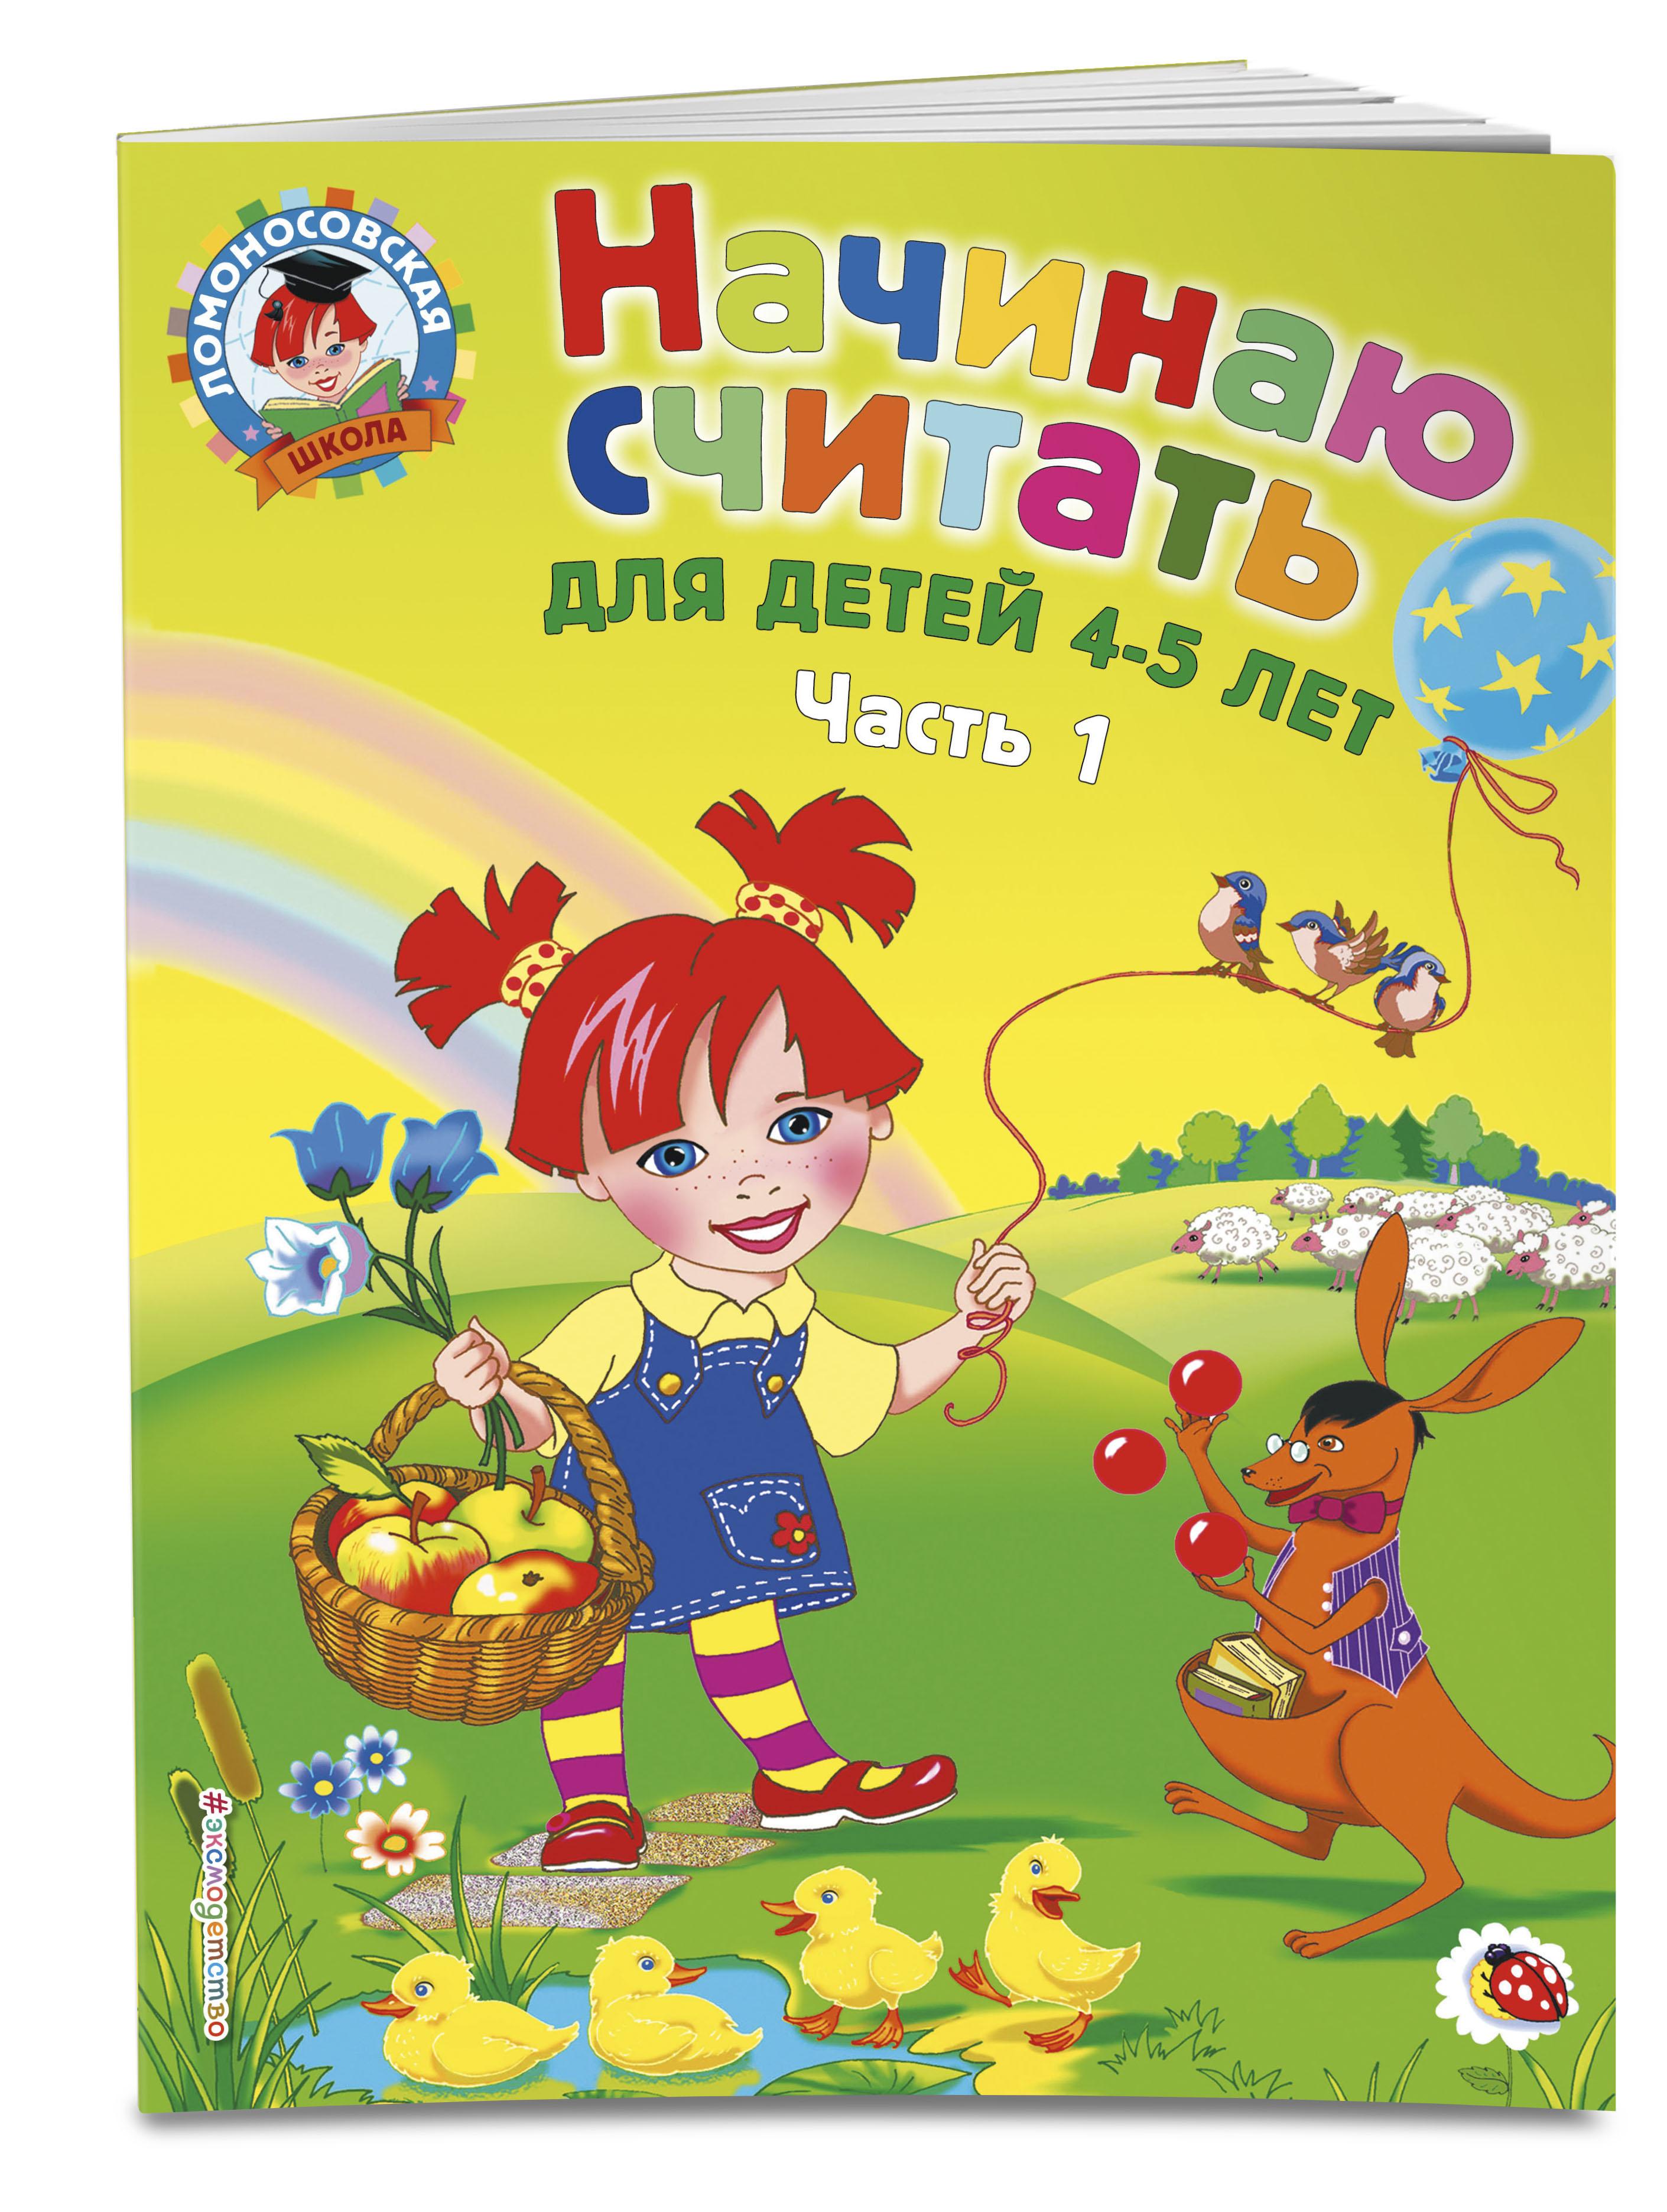 Пьянкова Е.А., Володина Н.В. Начинаю считать: для детей 4-5 лет. Ч. 1, 2-е изд., испр. и перераб.